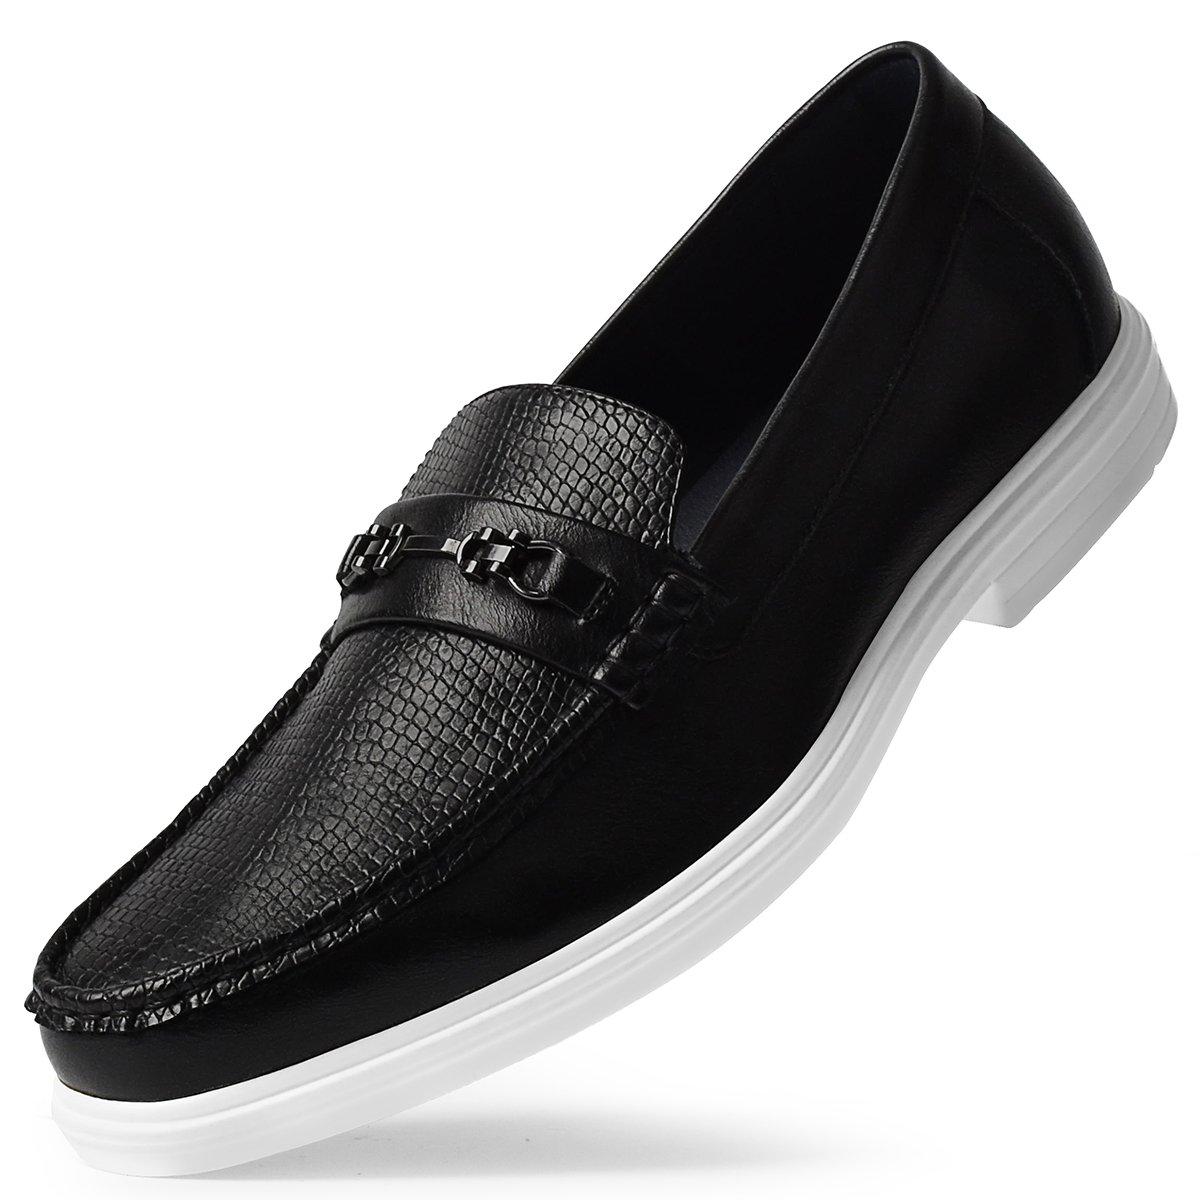 ECOSI Men'sDrivingShoesSlip-onLoaferModernItalianStyle Black 9